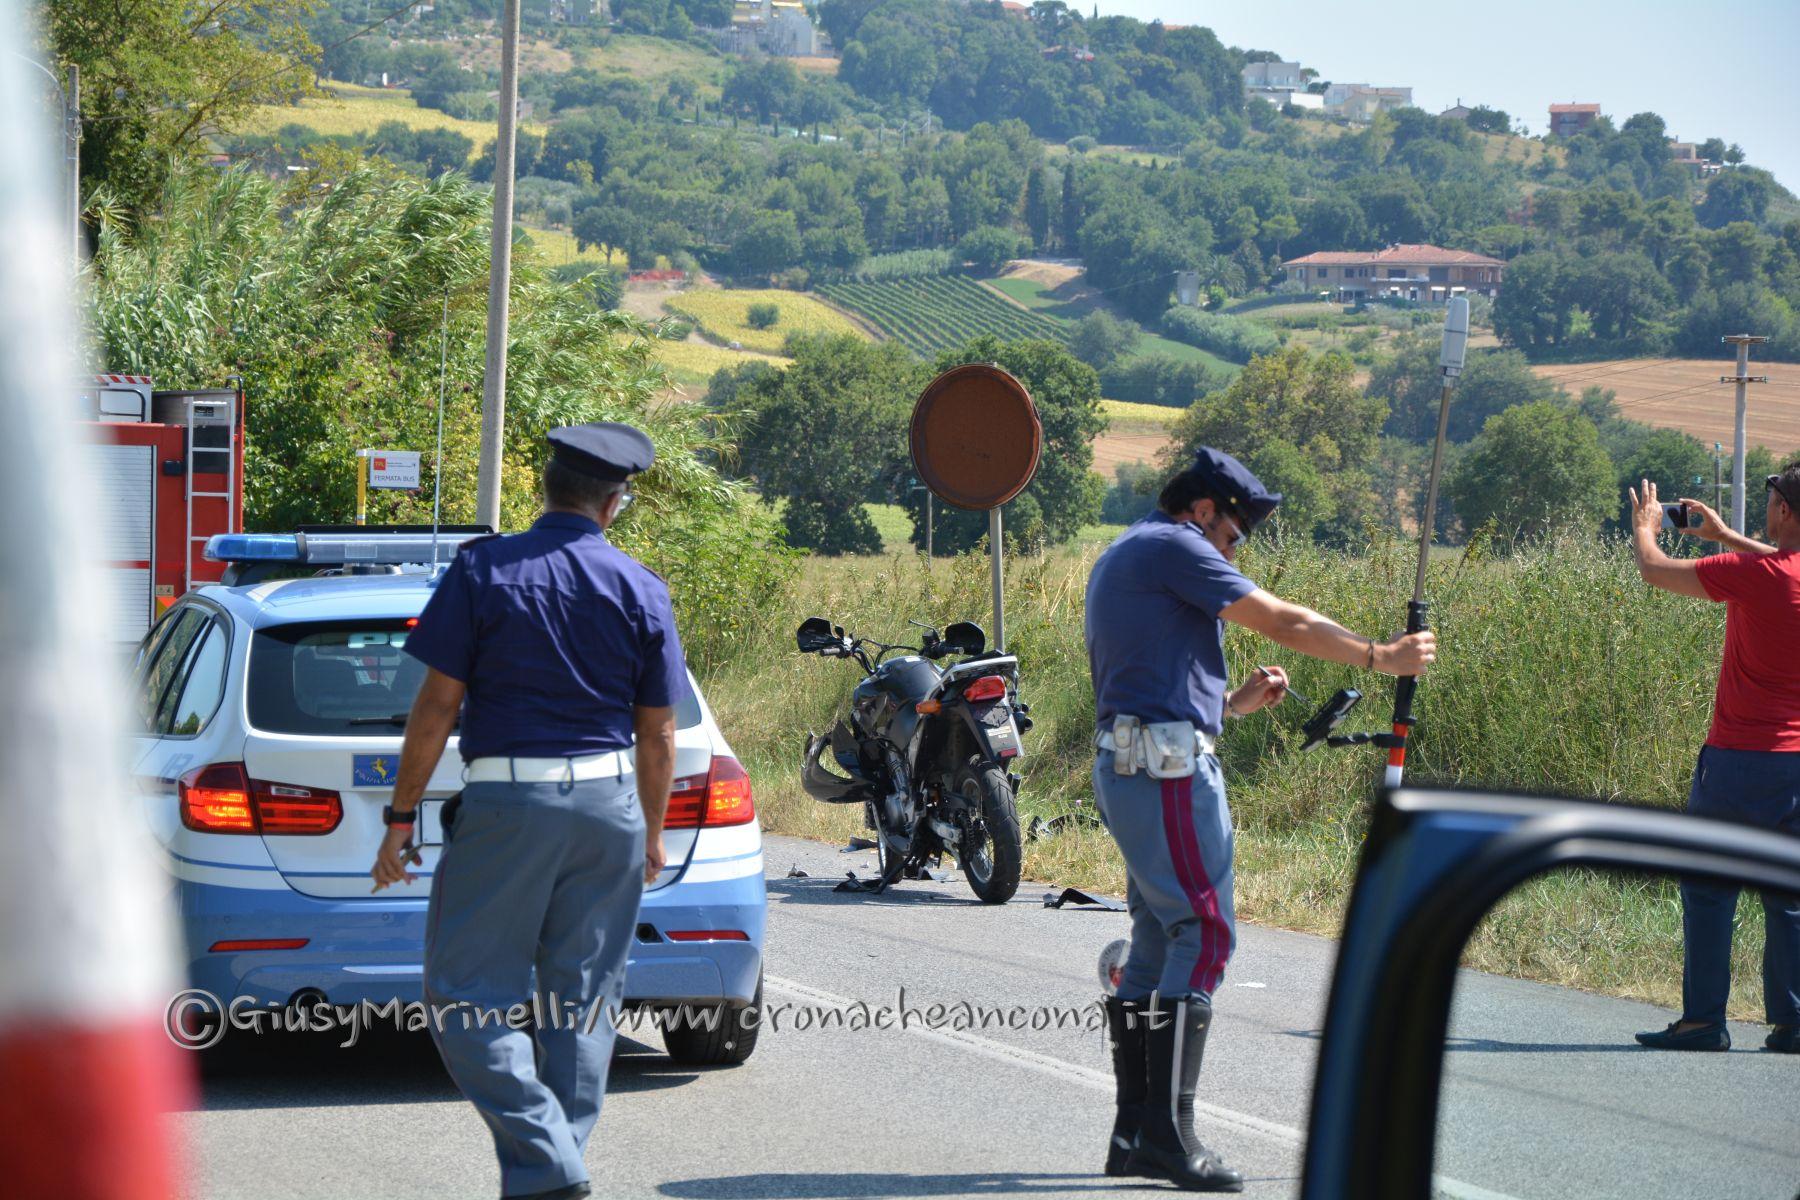 incidente_Camerano-Chiucconi-DSC_0632